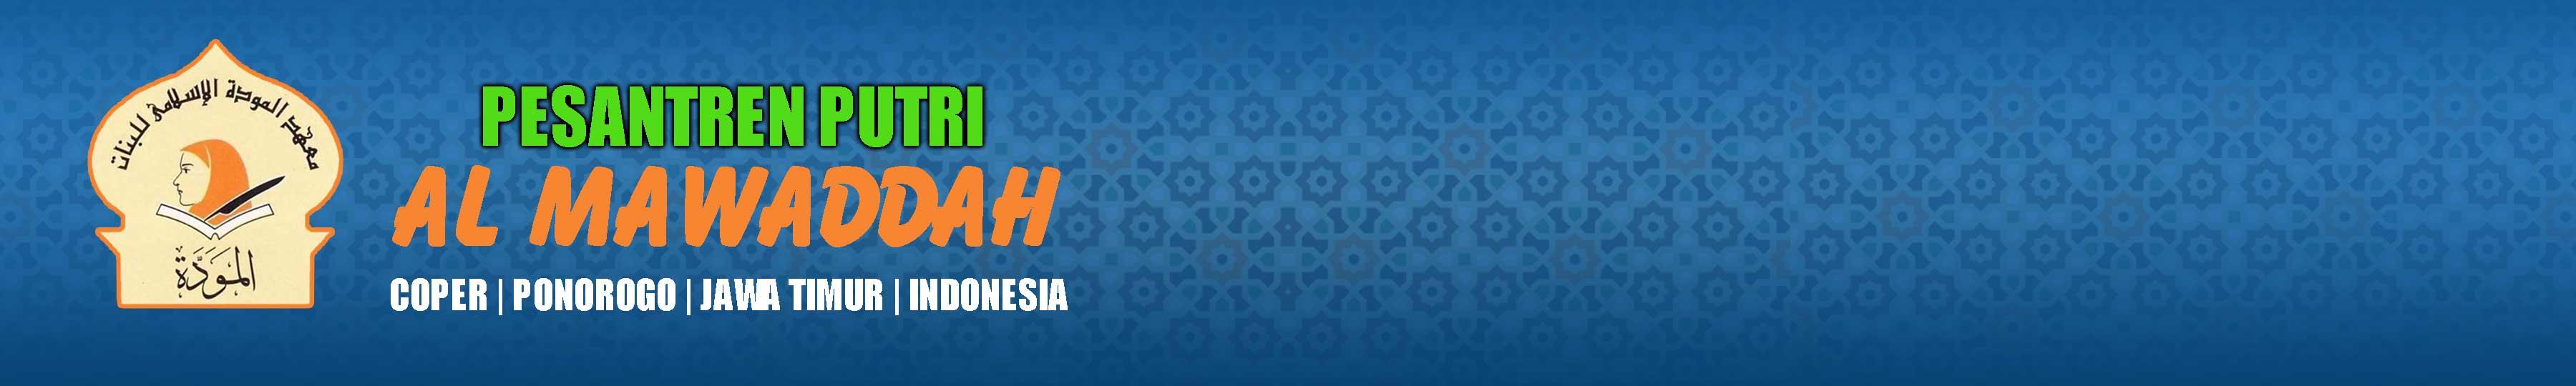 Pesantren Putri Al Mawaddah